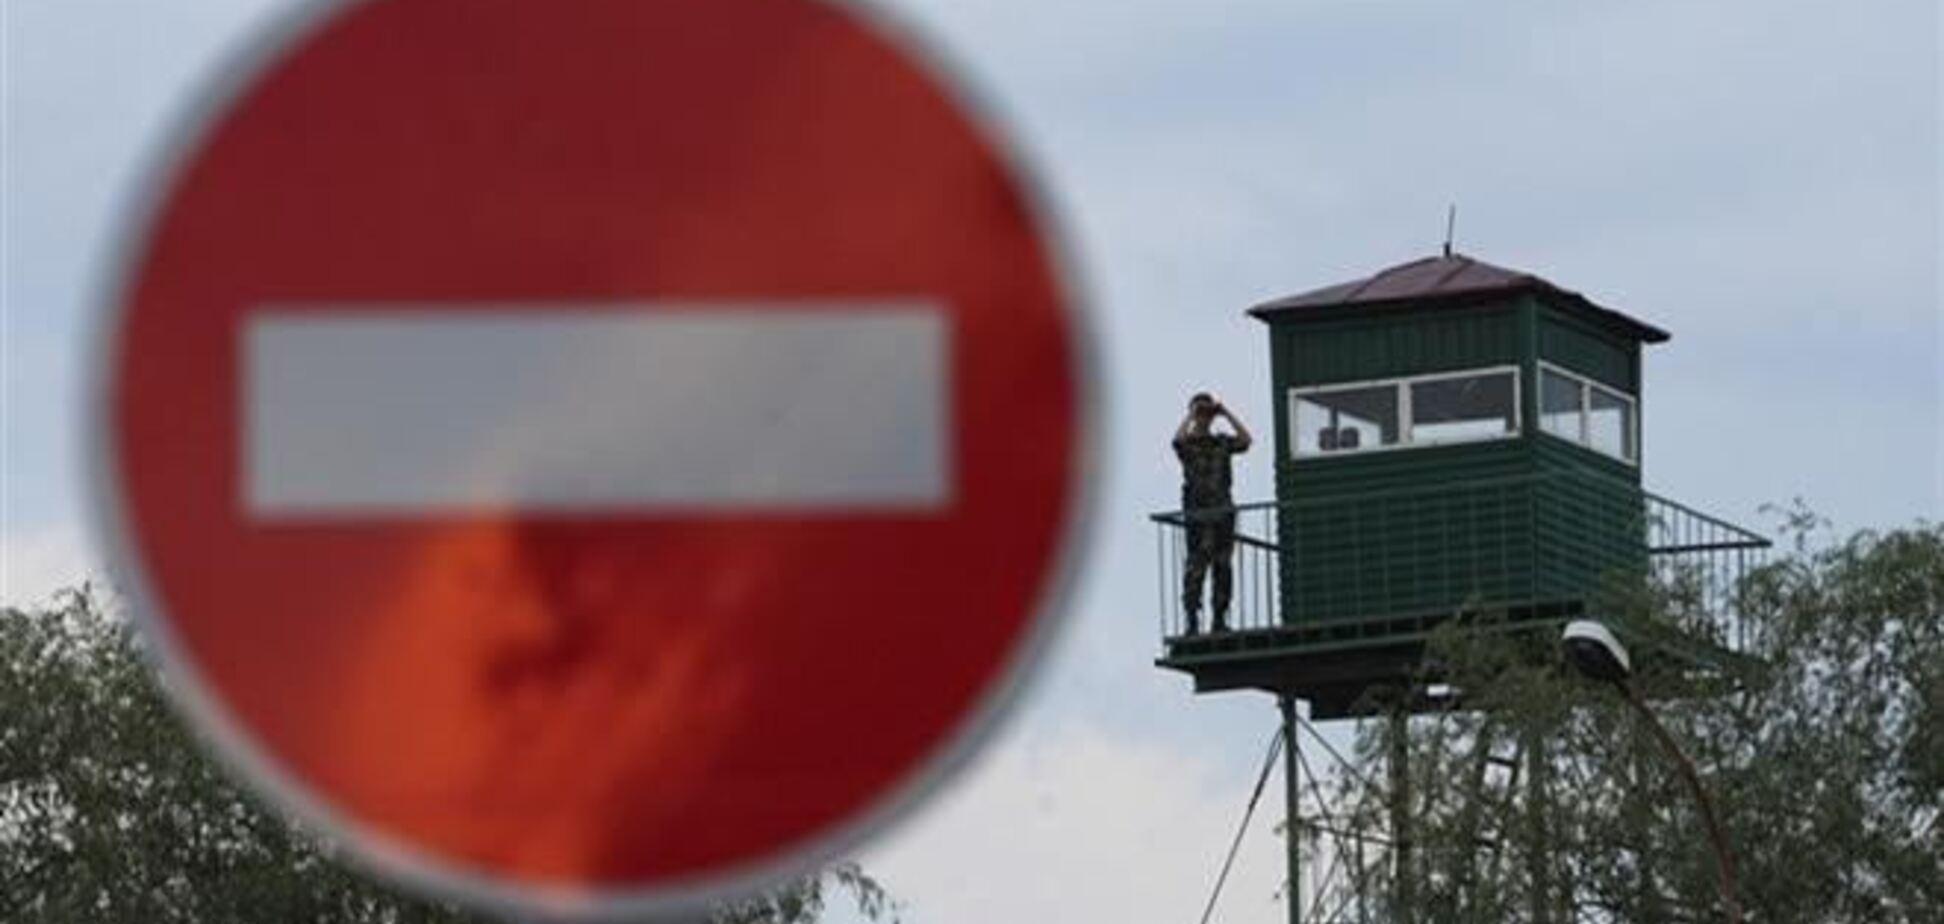 Подрывник КПП 'Бачевск' приехал в Украину не для совершения теракта – СБУ